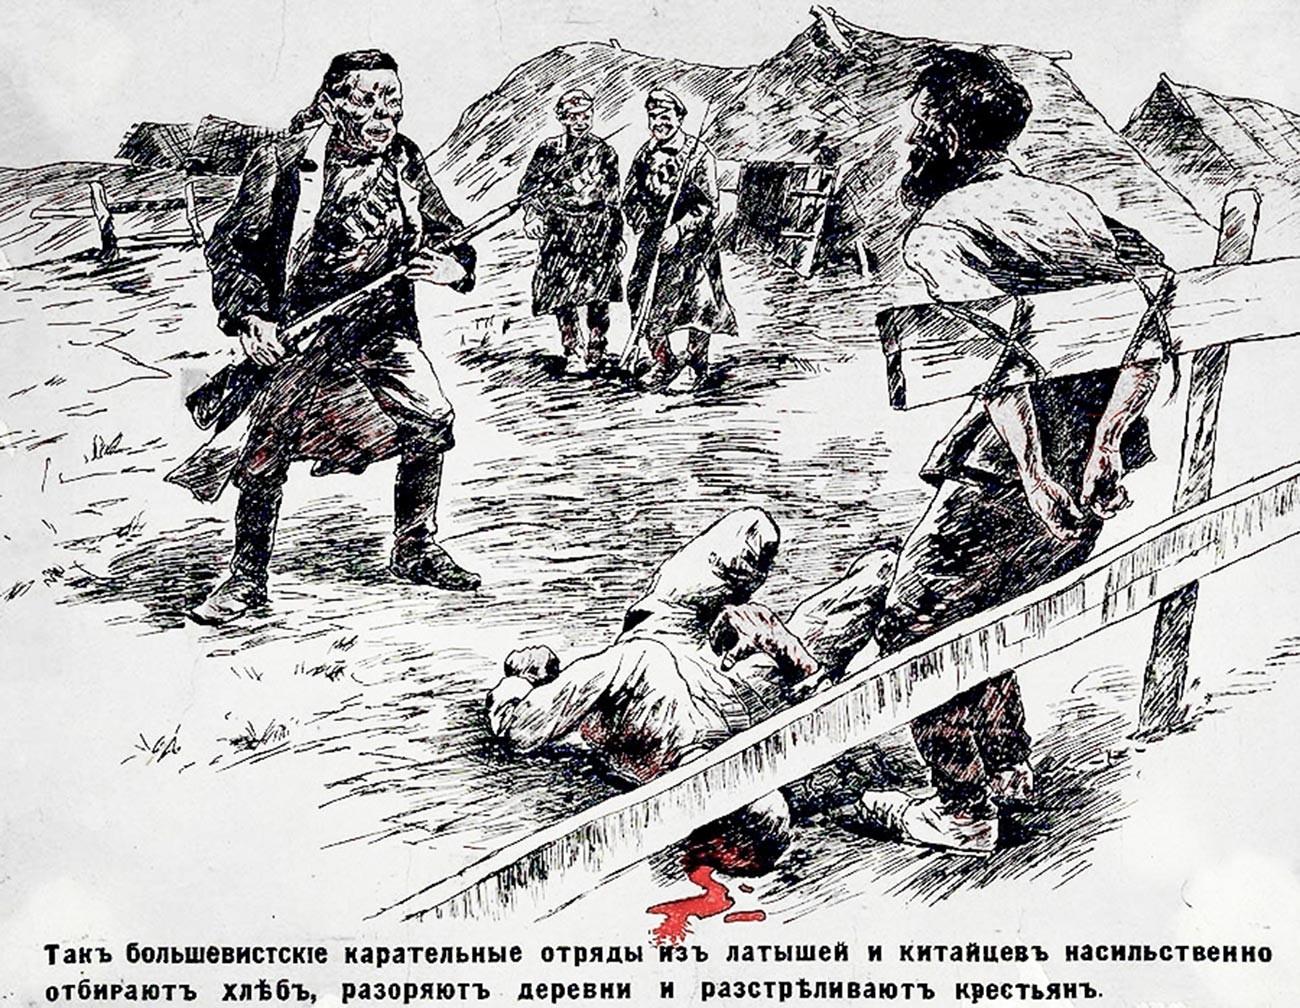 Des détachements punitifs de Lettons et de Chinois s'approprient le pain, ravagent des villages et tuent des paysans